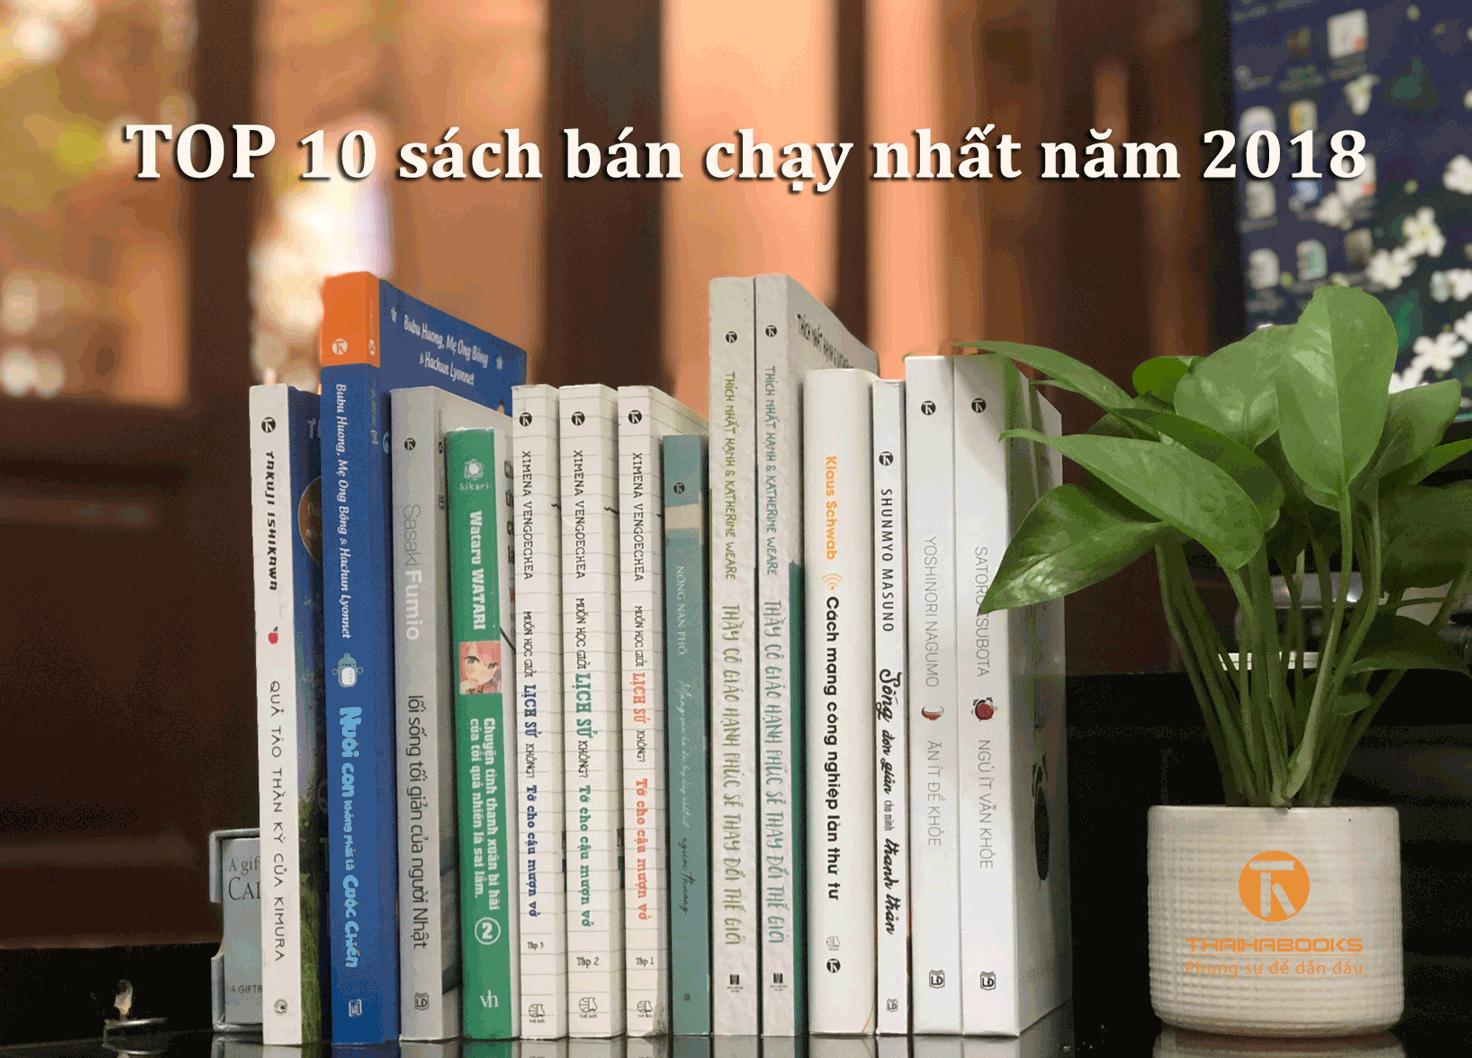 TOP 10 sách bán chạy năm 2018